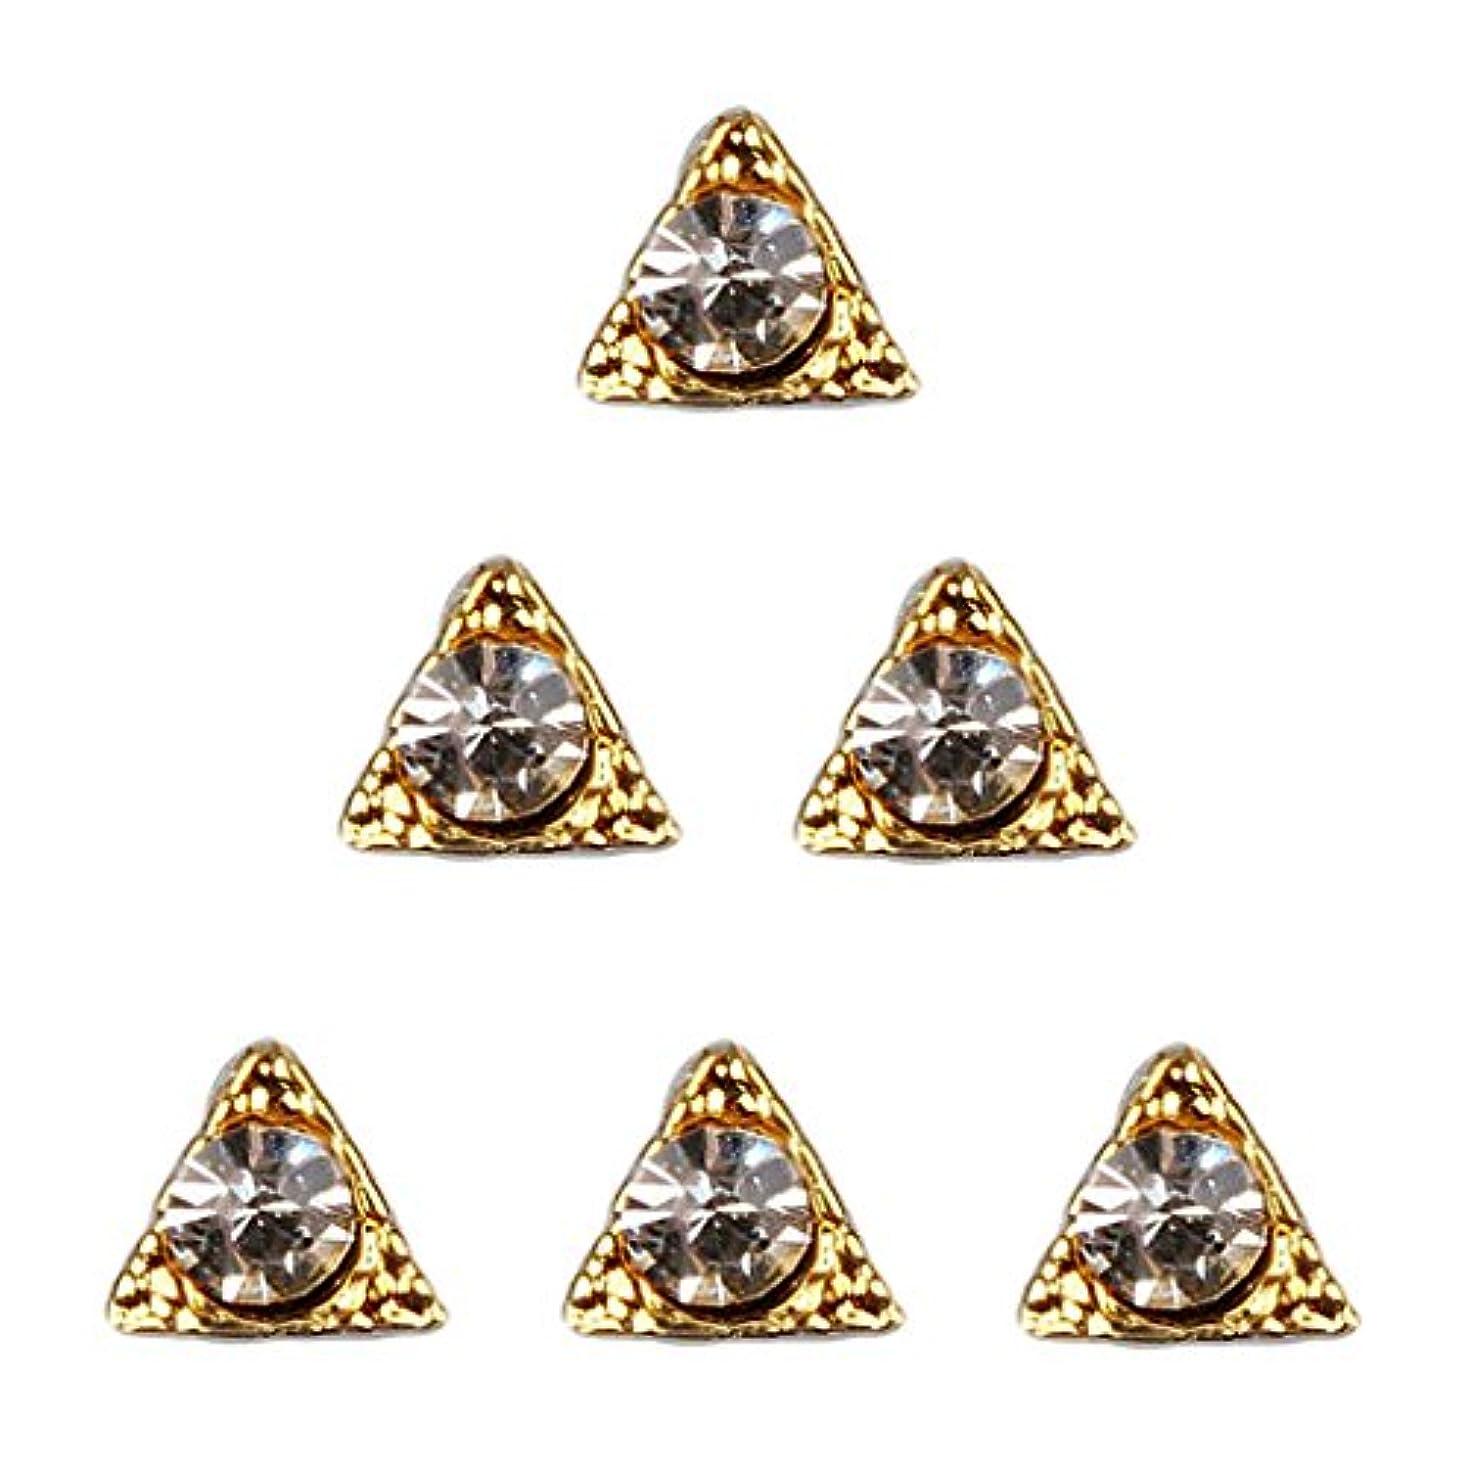 孤児鷲大理石全8種類 マニキュア ネイルデザイン ダイヤモンド 3Dネイルアート ヒントステッカー 50個入り - 7